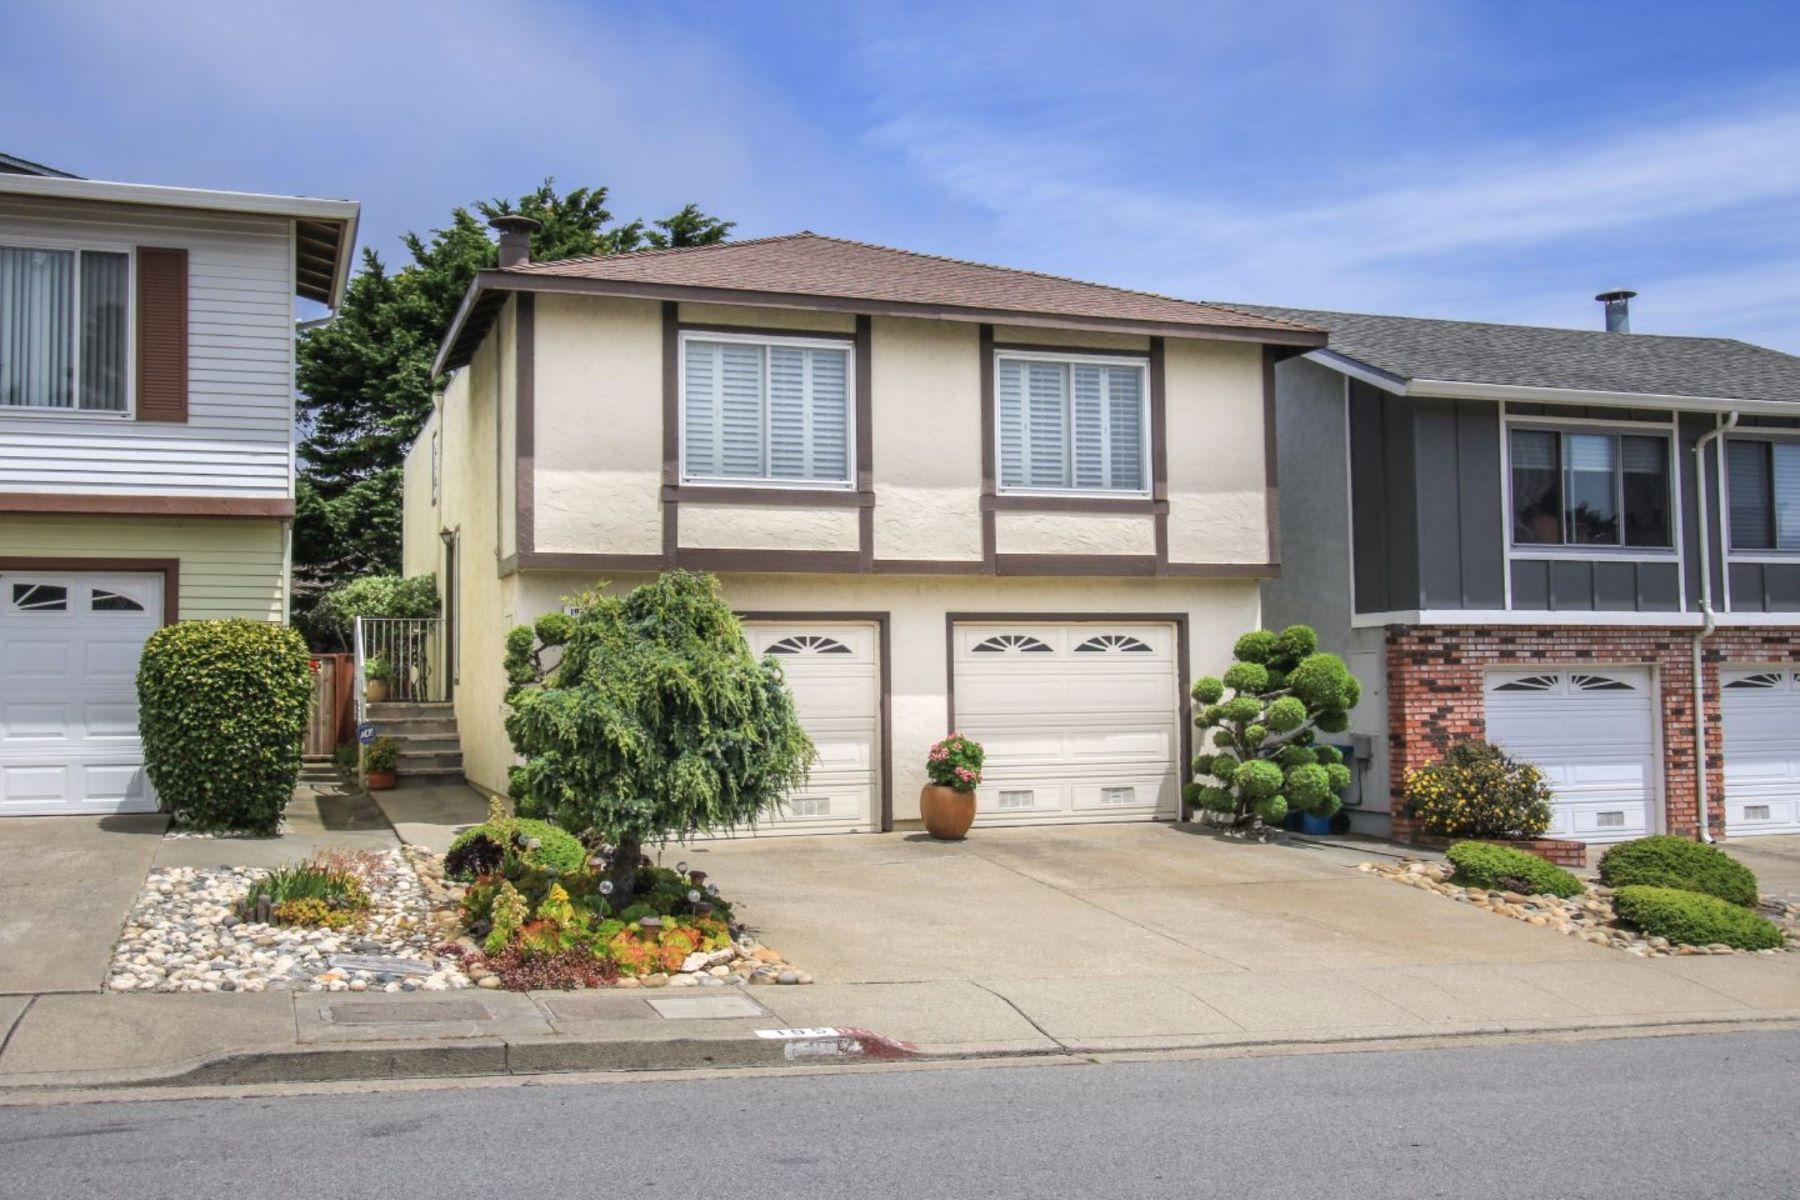 独户住宅 为 销售 在 195 Hampshire Avenue Daly City, 加利福尼亚州 94015 美国